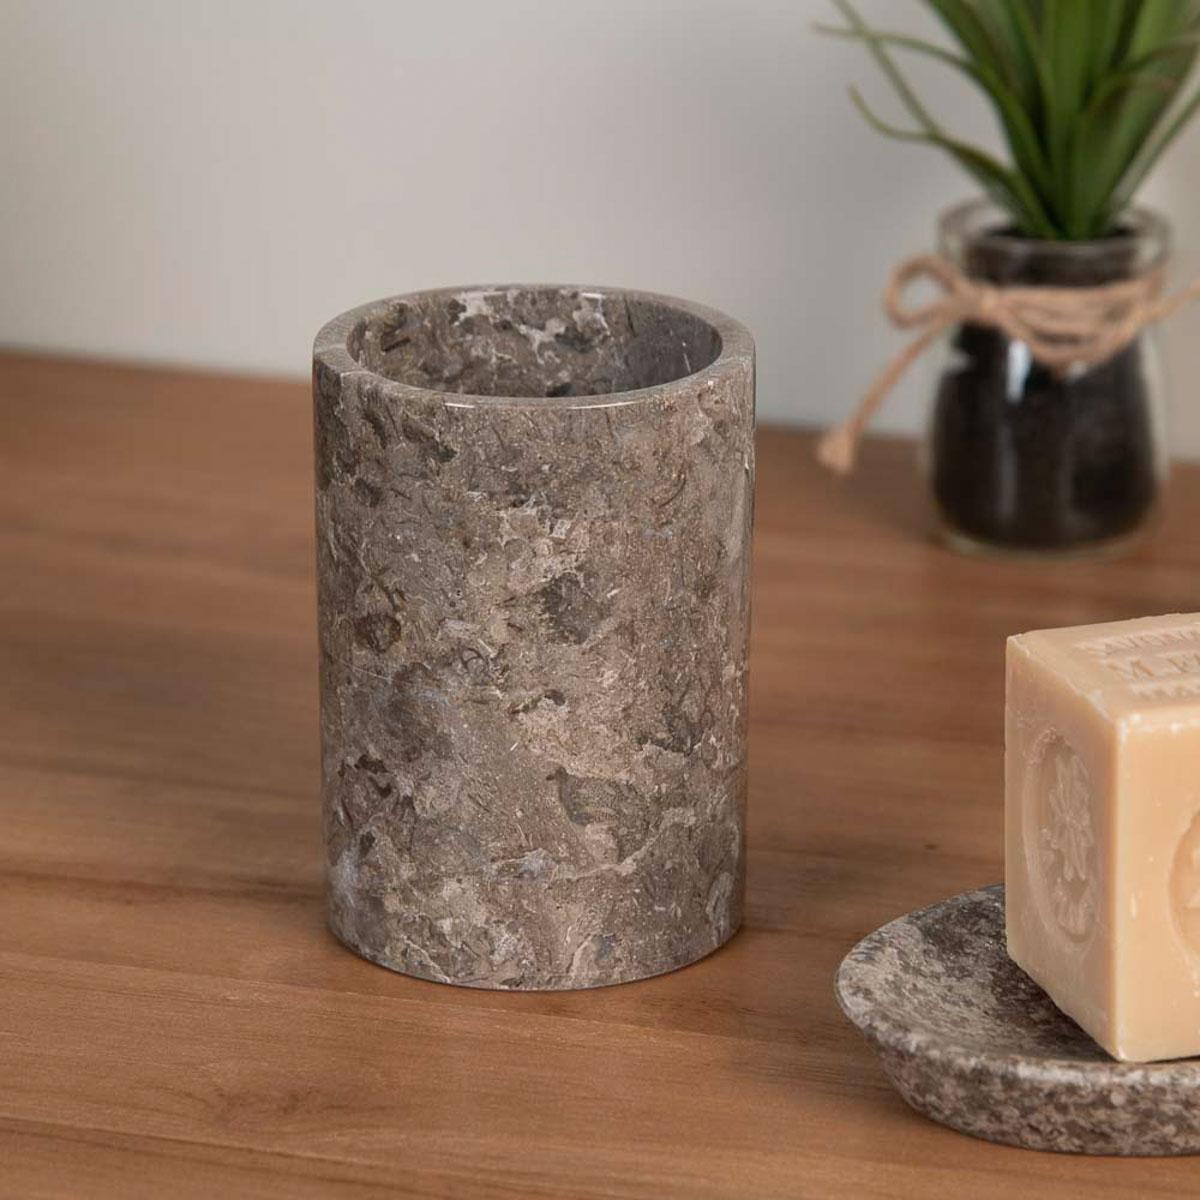 Gobelet porte savon de salle de bain en marbre gris d for Porte savon en verre